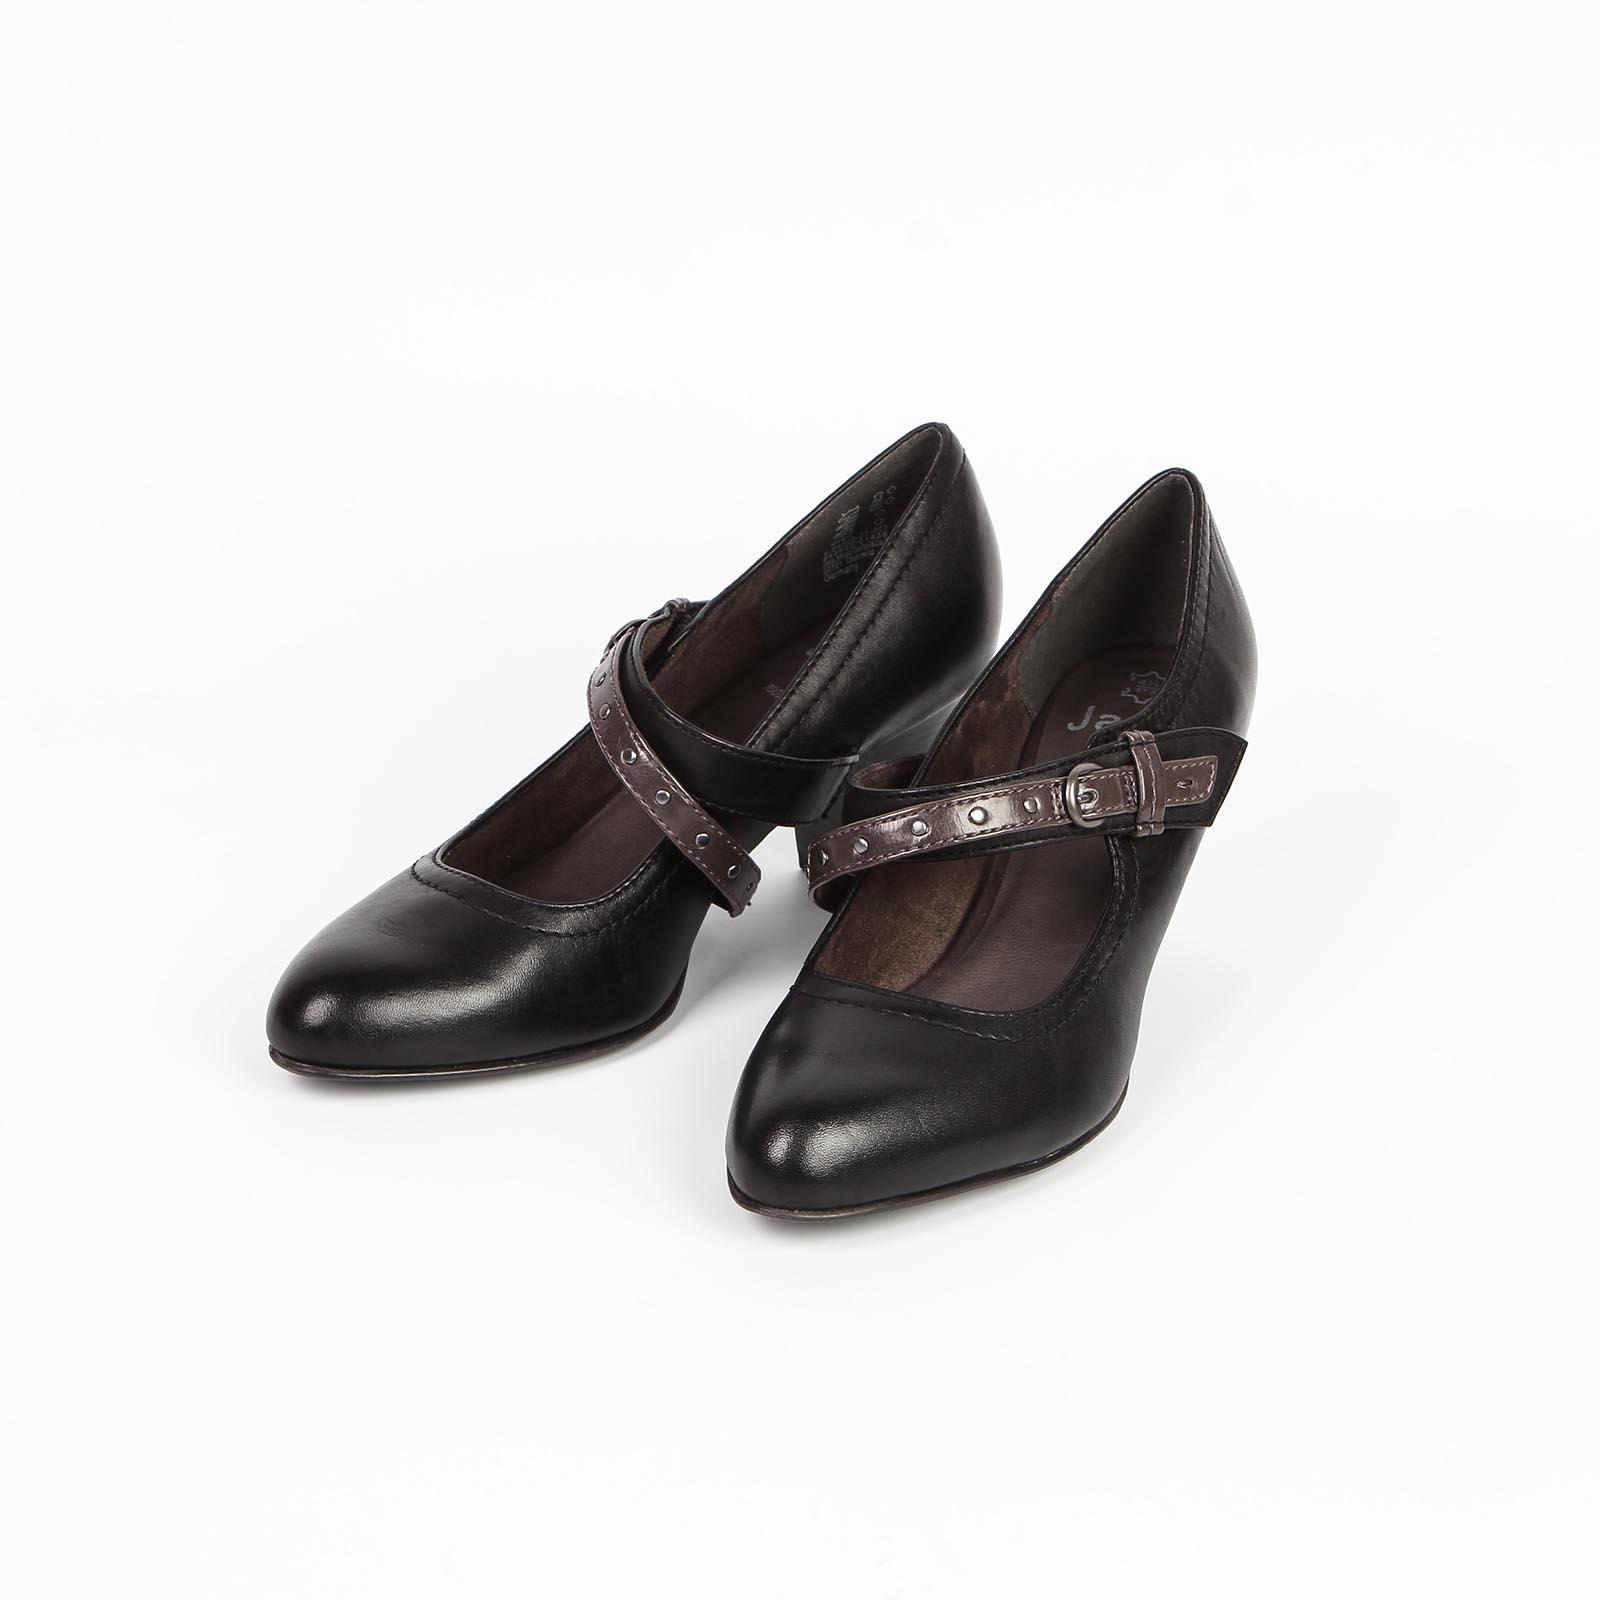 Туфли женские из натуральной кожи с застежкой